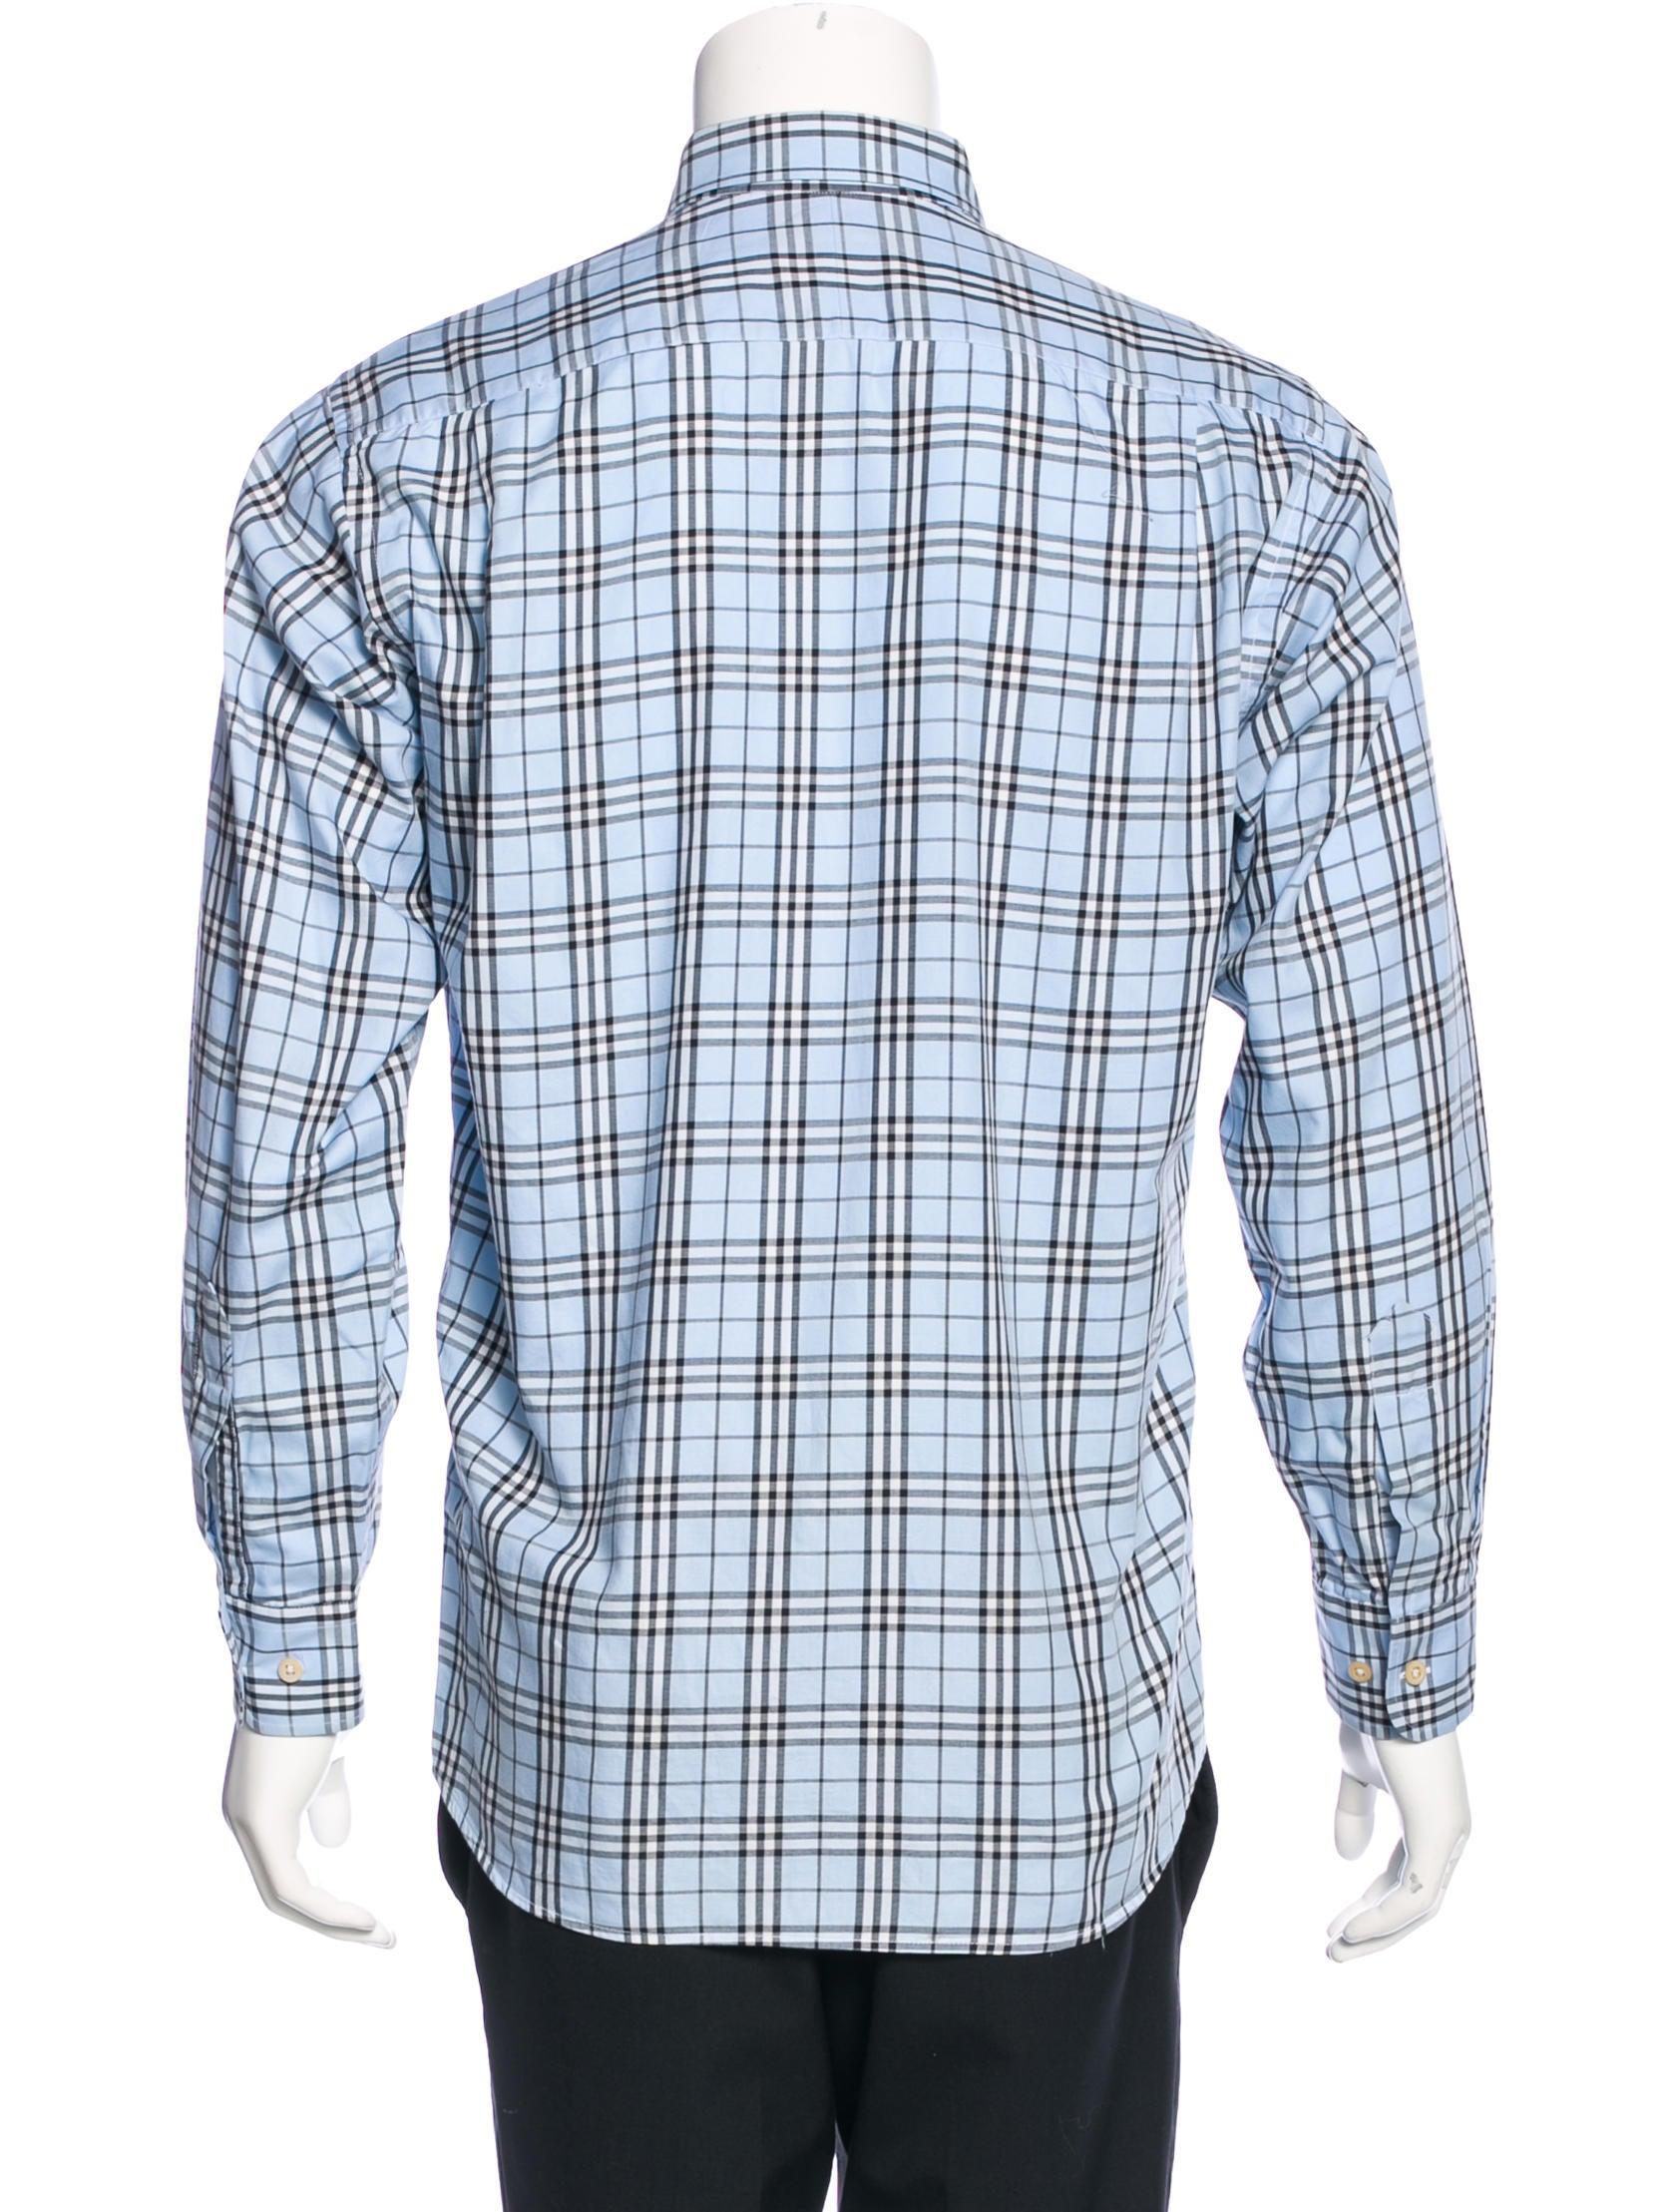 Burberry London Nova Check Dress Shirt Clothing